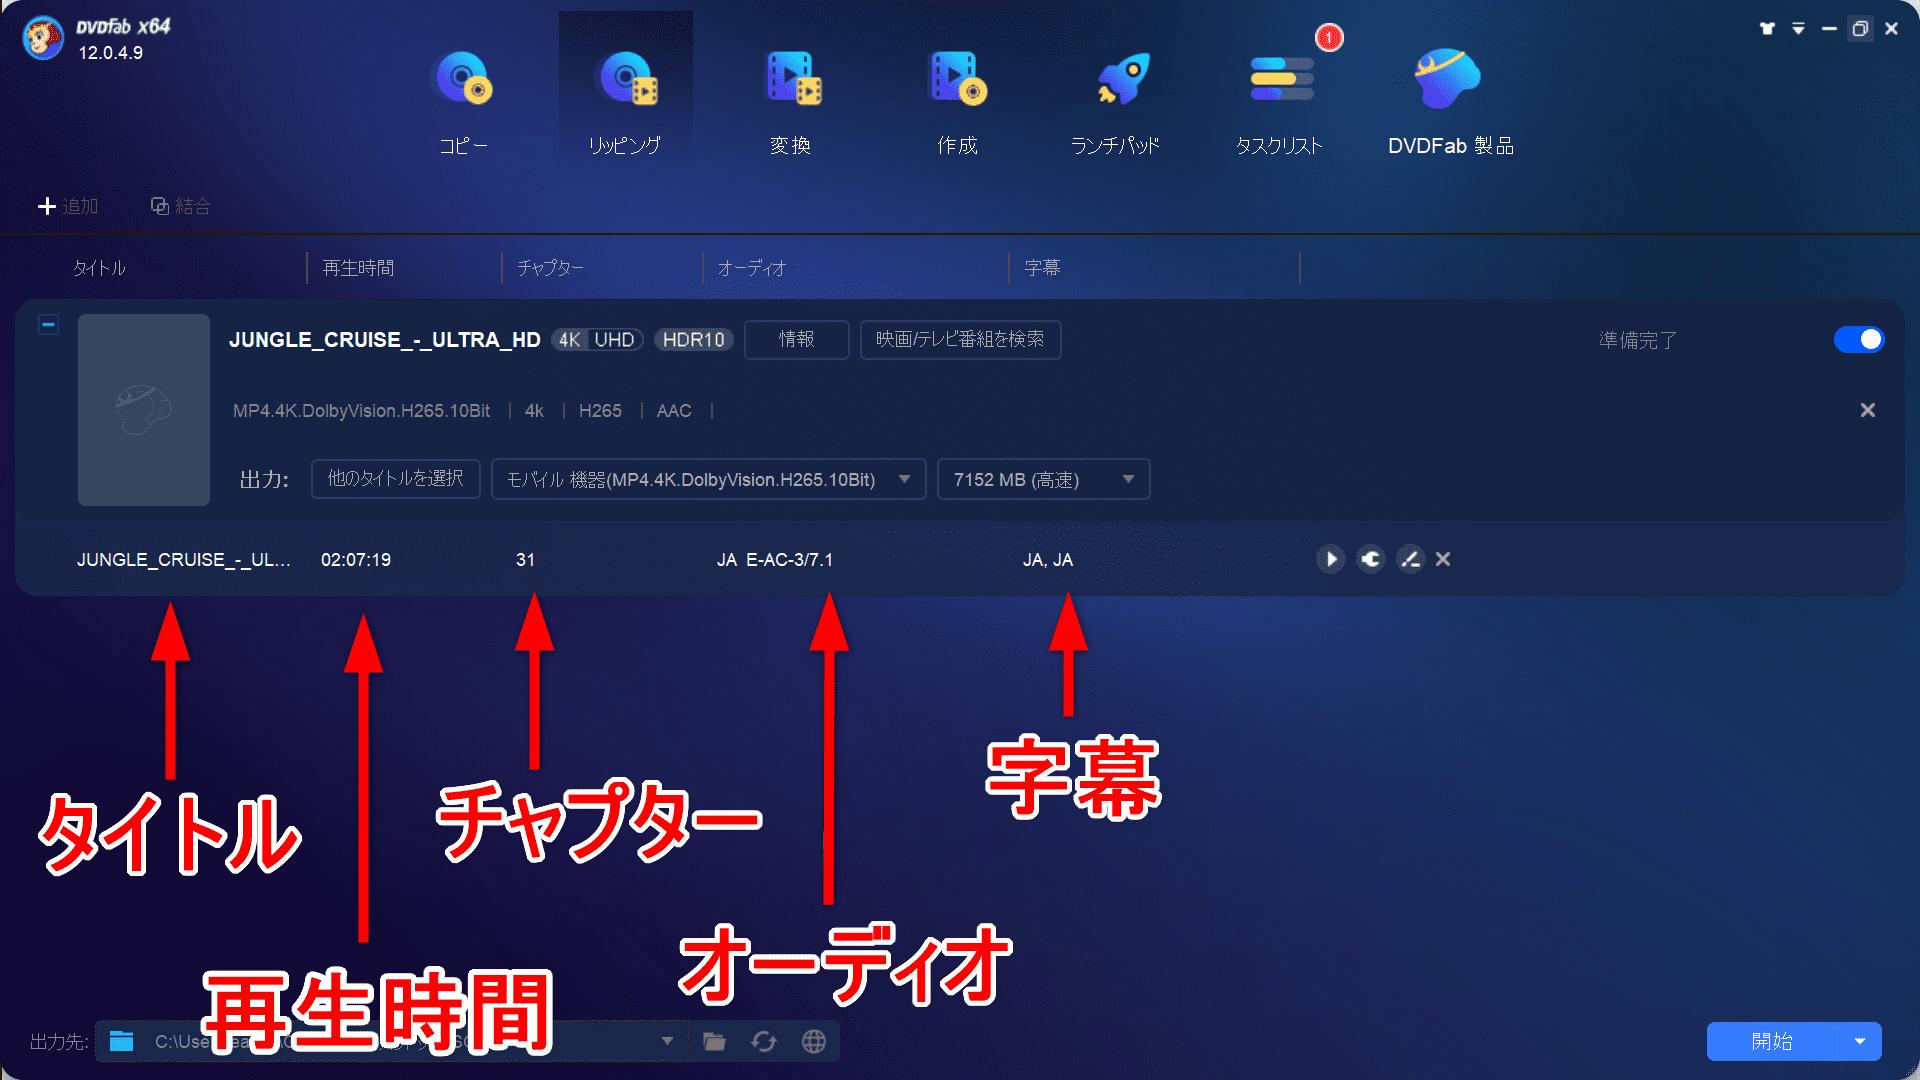 DVDFab12 4K UHDブルーレイのコピー方法 無料でコピーガード解除して4K UHDブルーレイをパソコンに永久保存する方法 ISOファイルをiPhoneに適した形式に変換する:あとは必要に応じて、各項目をクリックしてメニューを表示させて設定を変更しましょう。